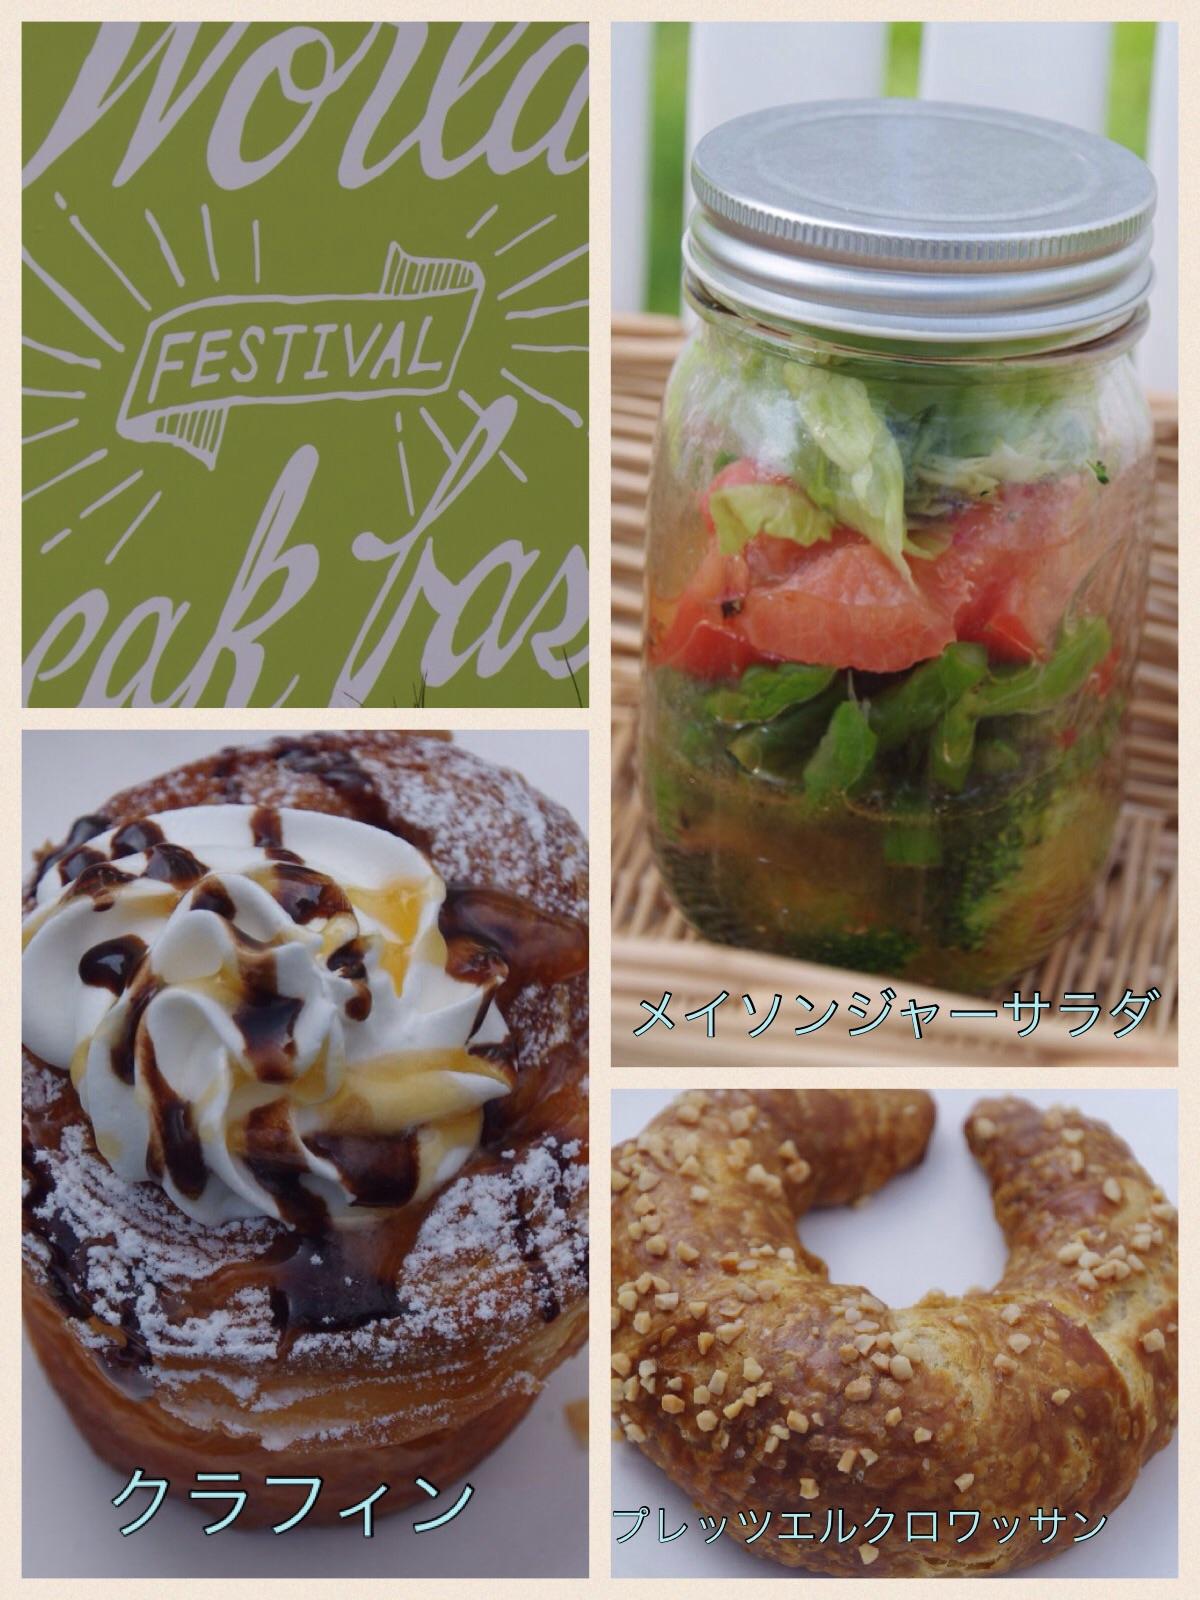 朝食フェス2015 昭和記念公園